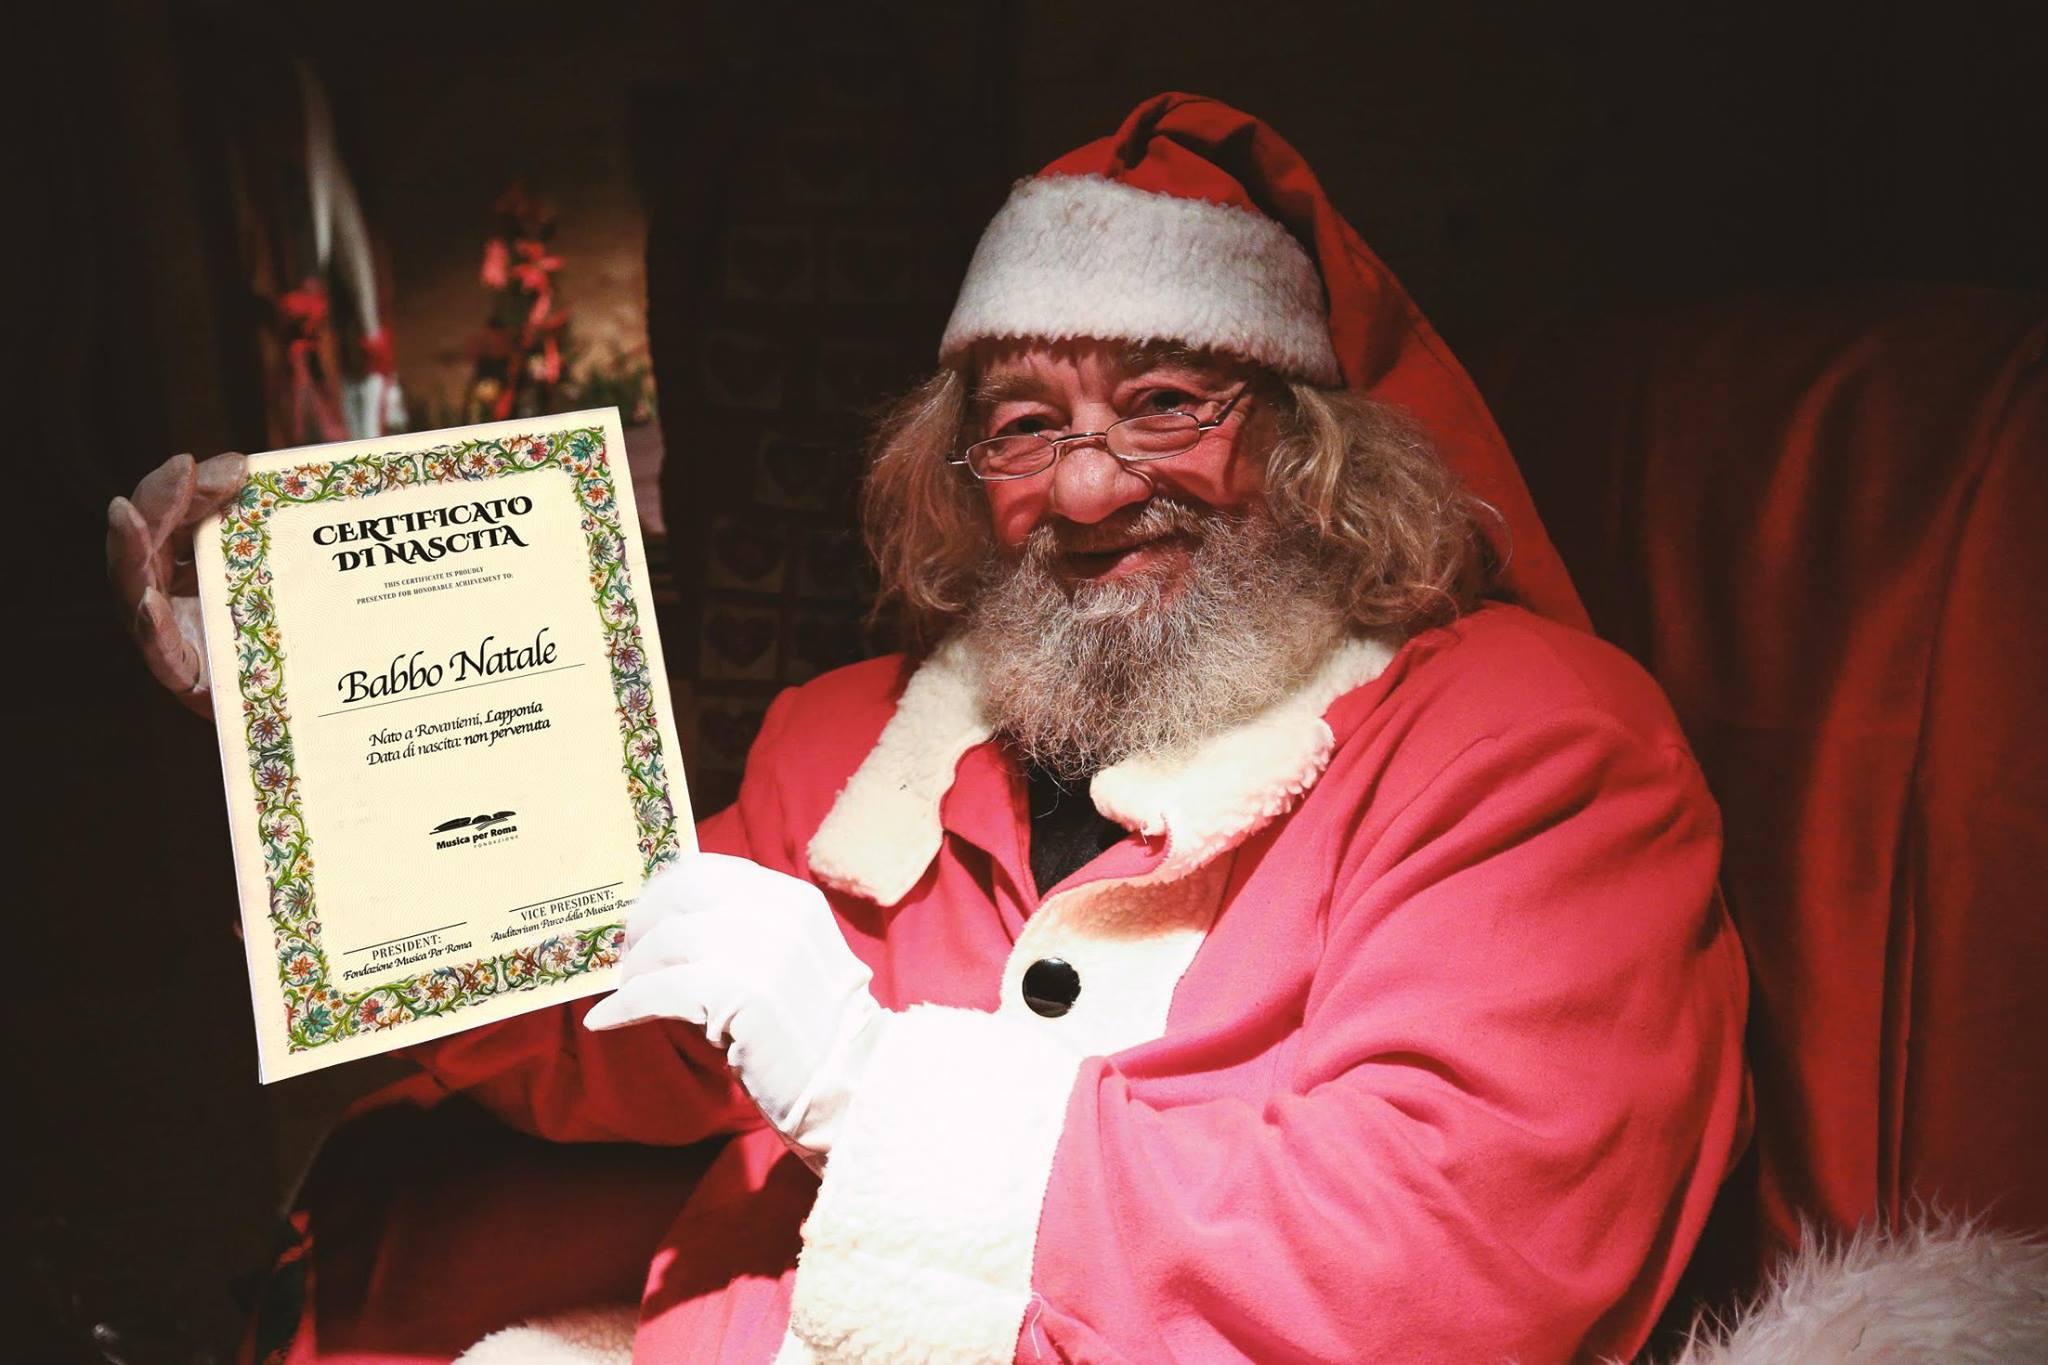 Babbo Natale Brutto.Contro Le Bufale La Verita Babbo Natale Esiste Baionette Librarie